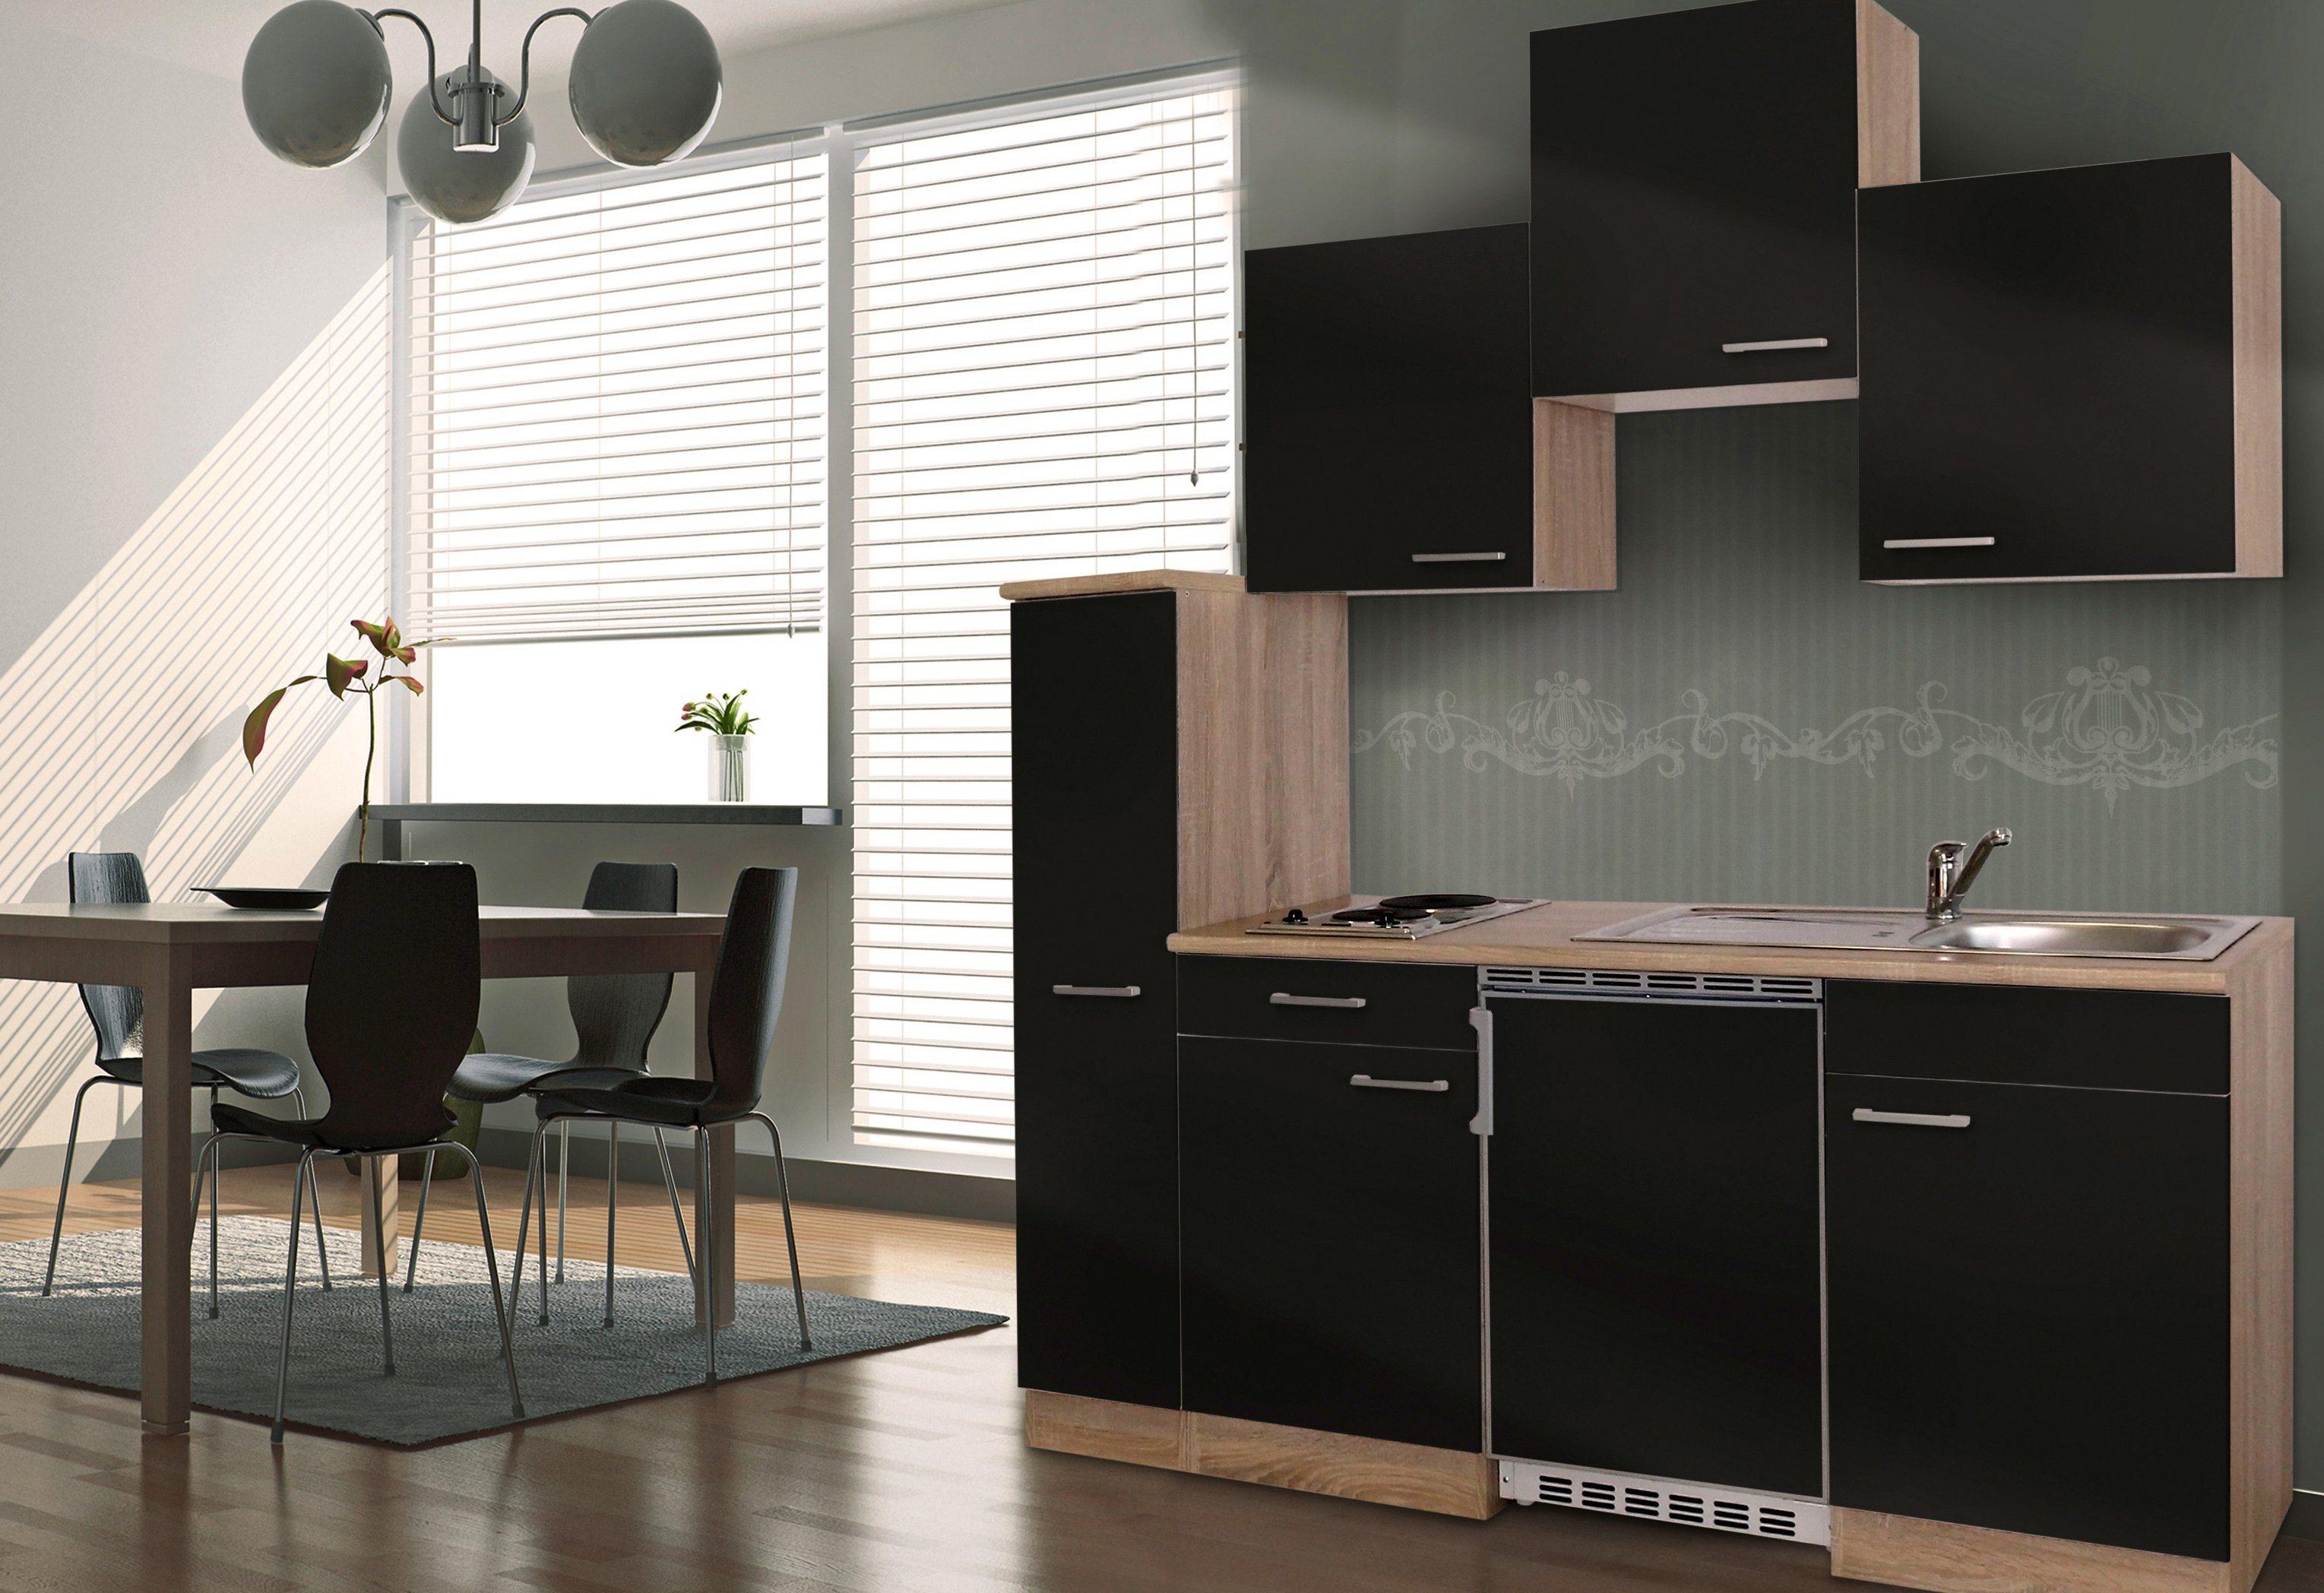 Respekta Miniküche mit E-Geräten, Breite 180 cm   Küche und Esszimmer > Küchen > Miniküchen   Weiß - Schwarz - Rot - Grau   Holzwerkstoff - Kunststoff   RESPEKTA